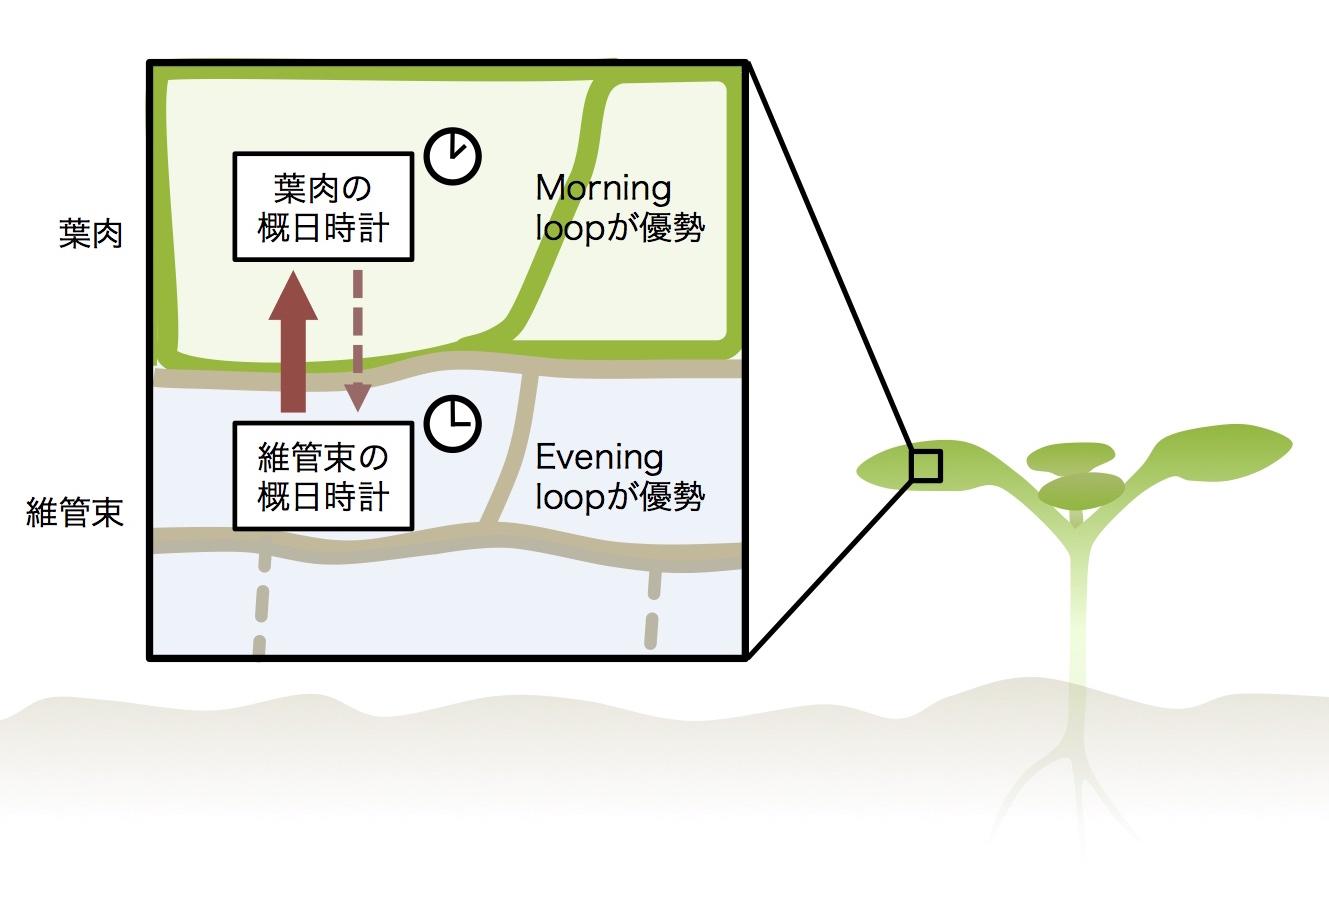 図2 維管束と葉肉間の概日時計の階層性